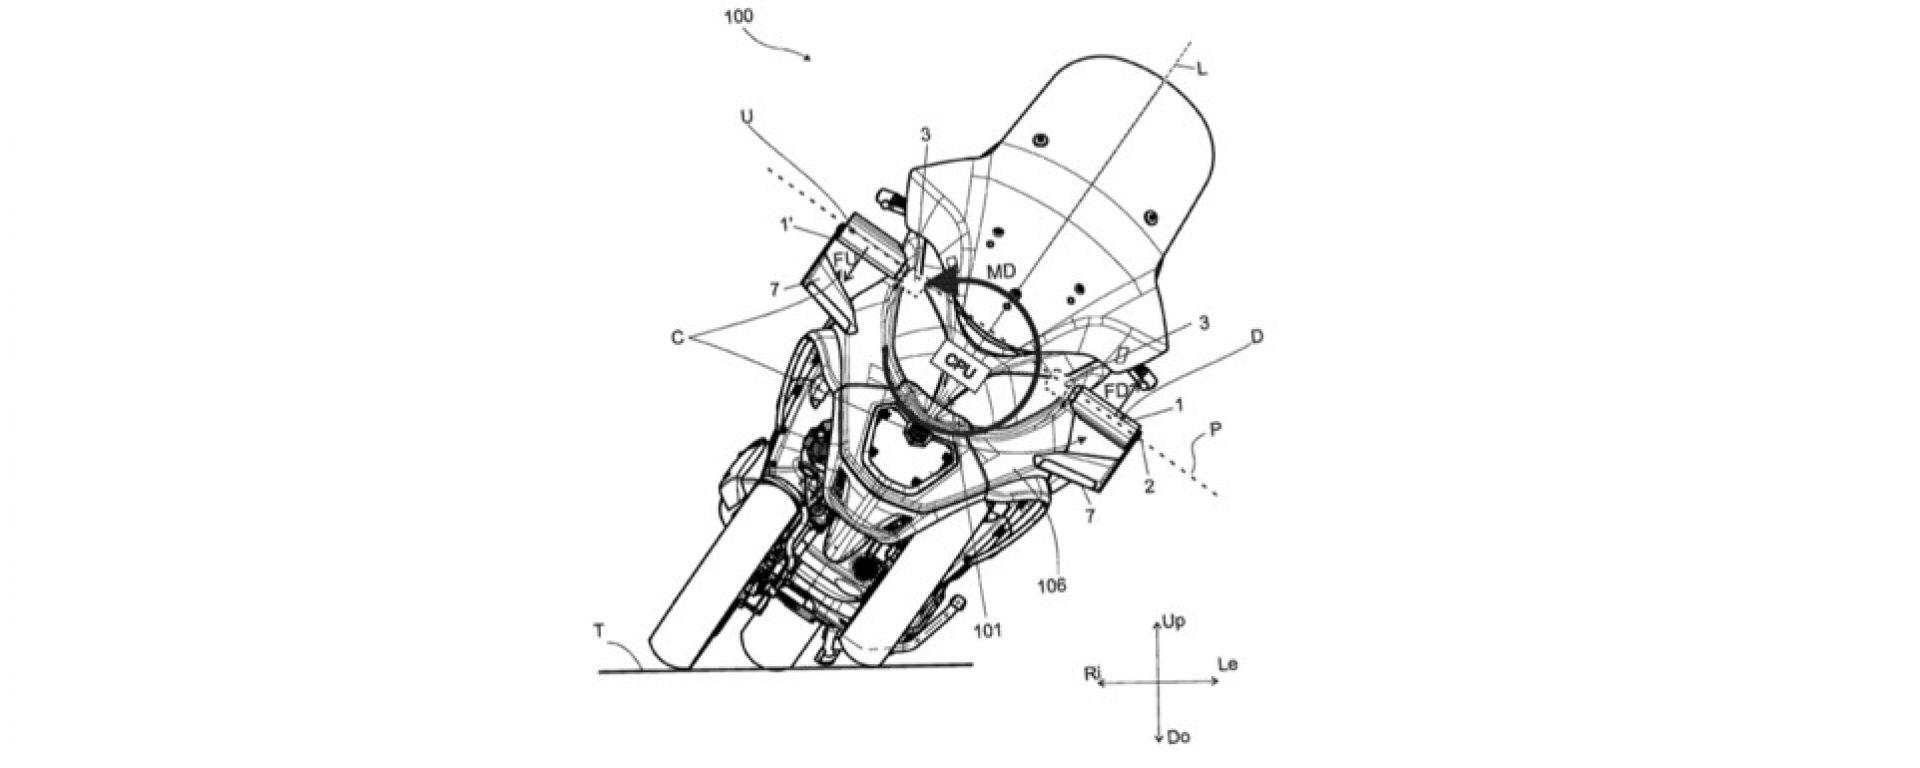 Piaggio MP3, i brevetti delle alette e dell'aerodinamica